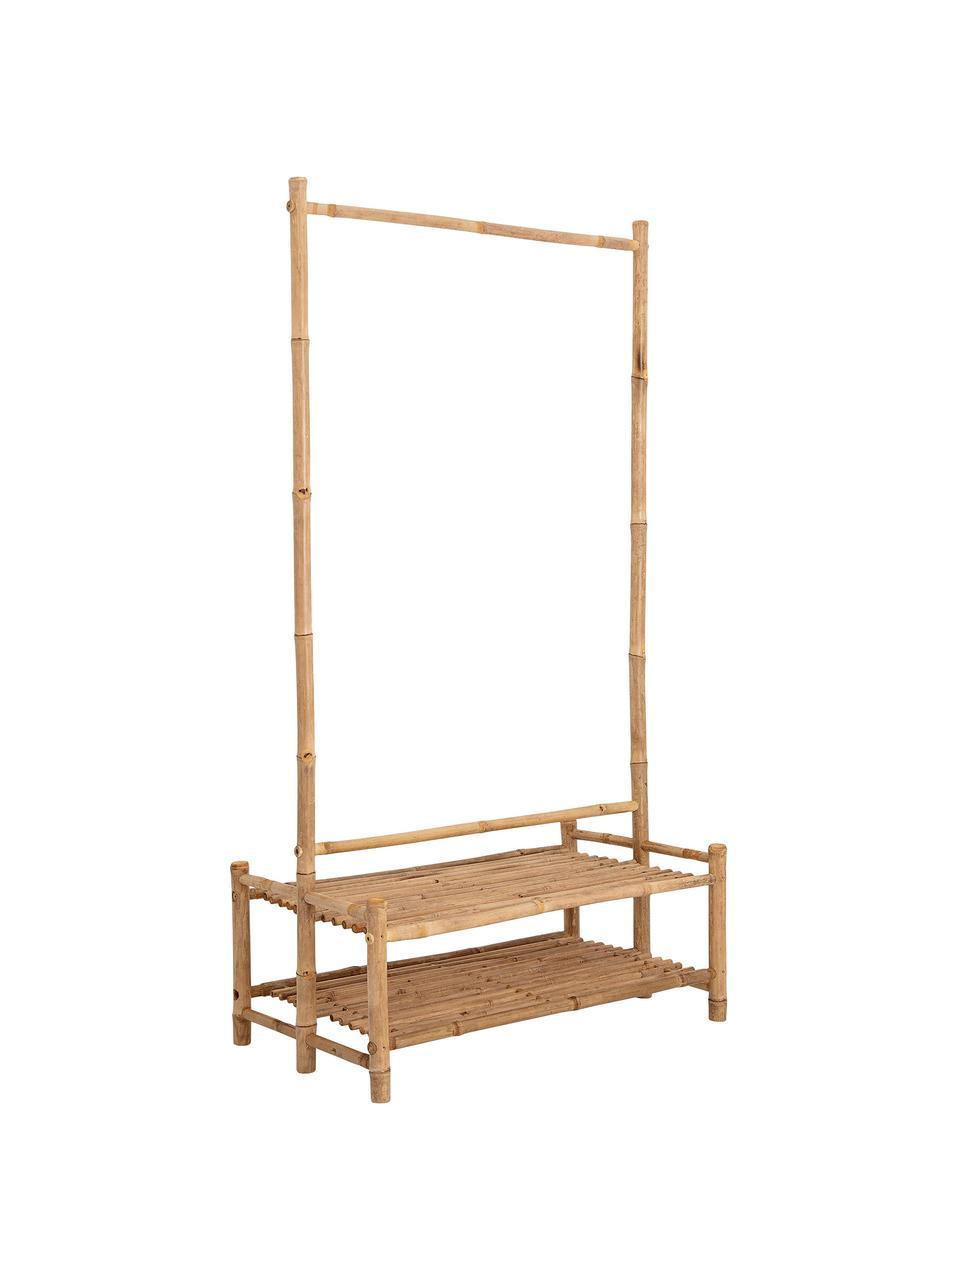 Wieszak stojący Christianna, Drewno bambusowe, Beżowy, S 60 x W 130 cm